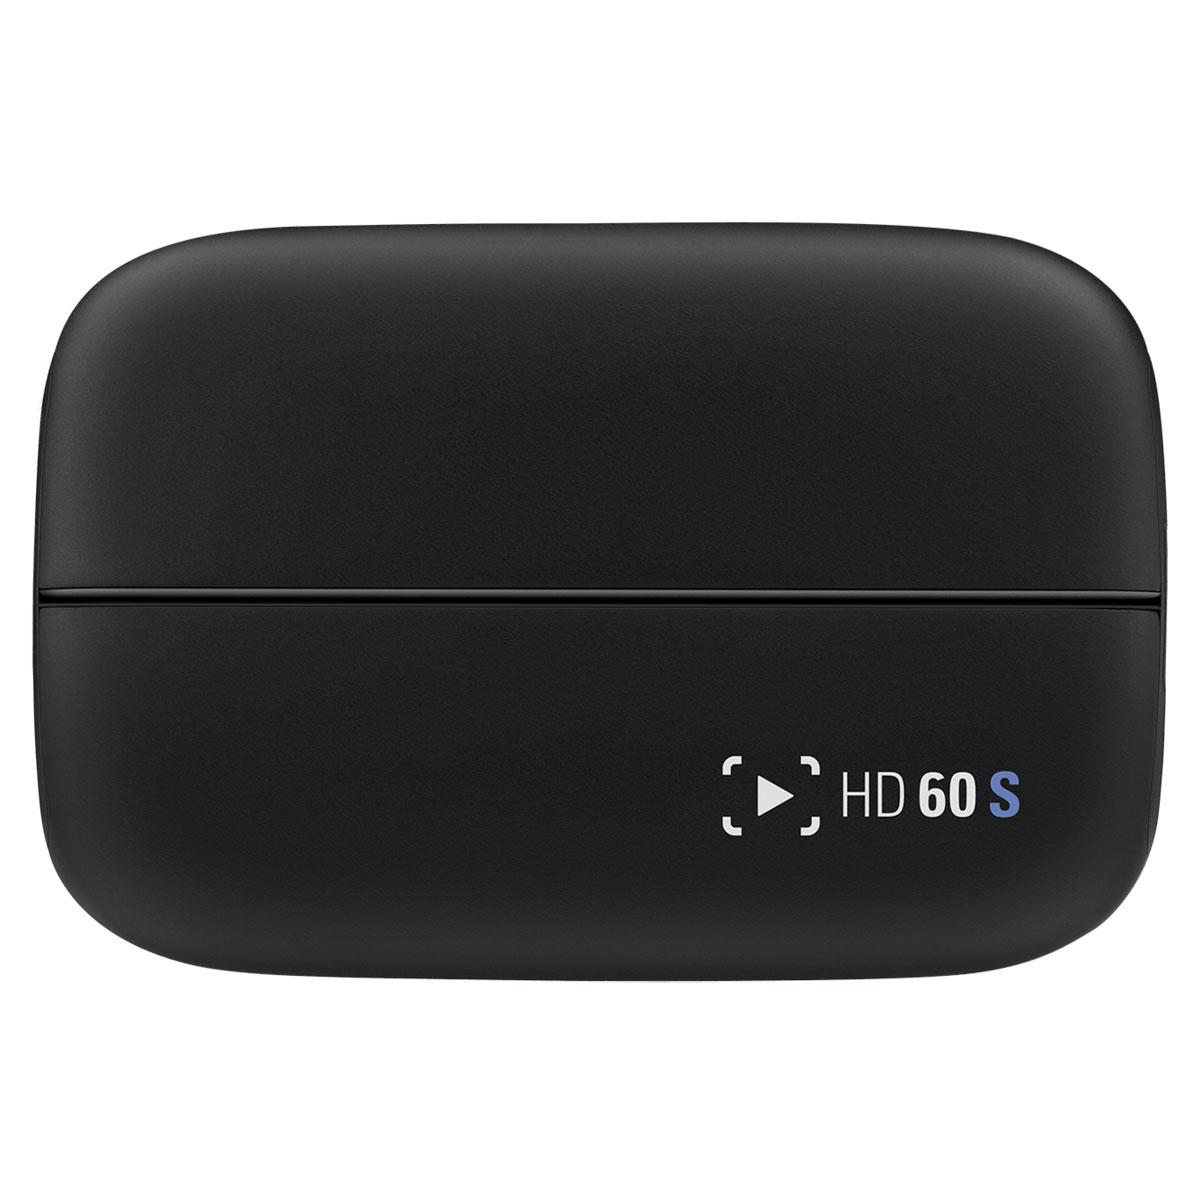 Elgato Game Capture HD60 S - 1GC109901004 - Carte d'acquisition vidéo - 4